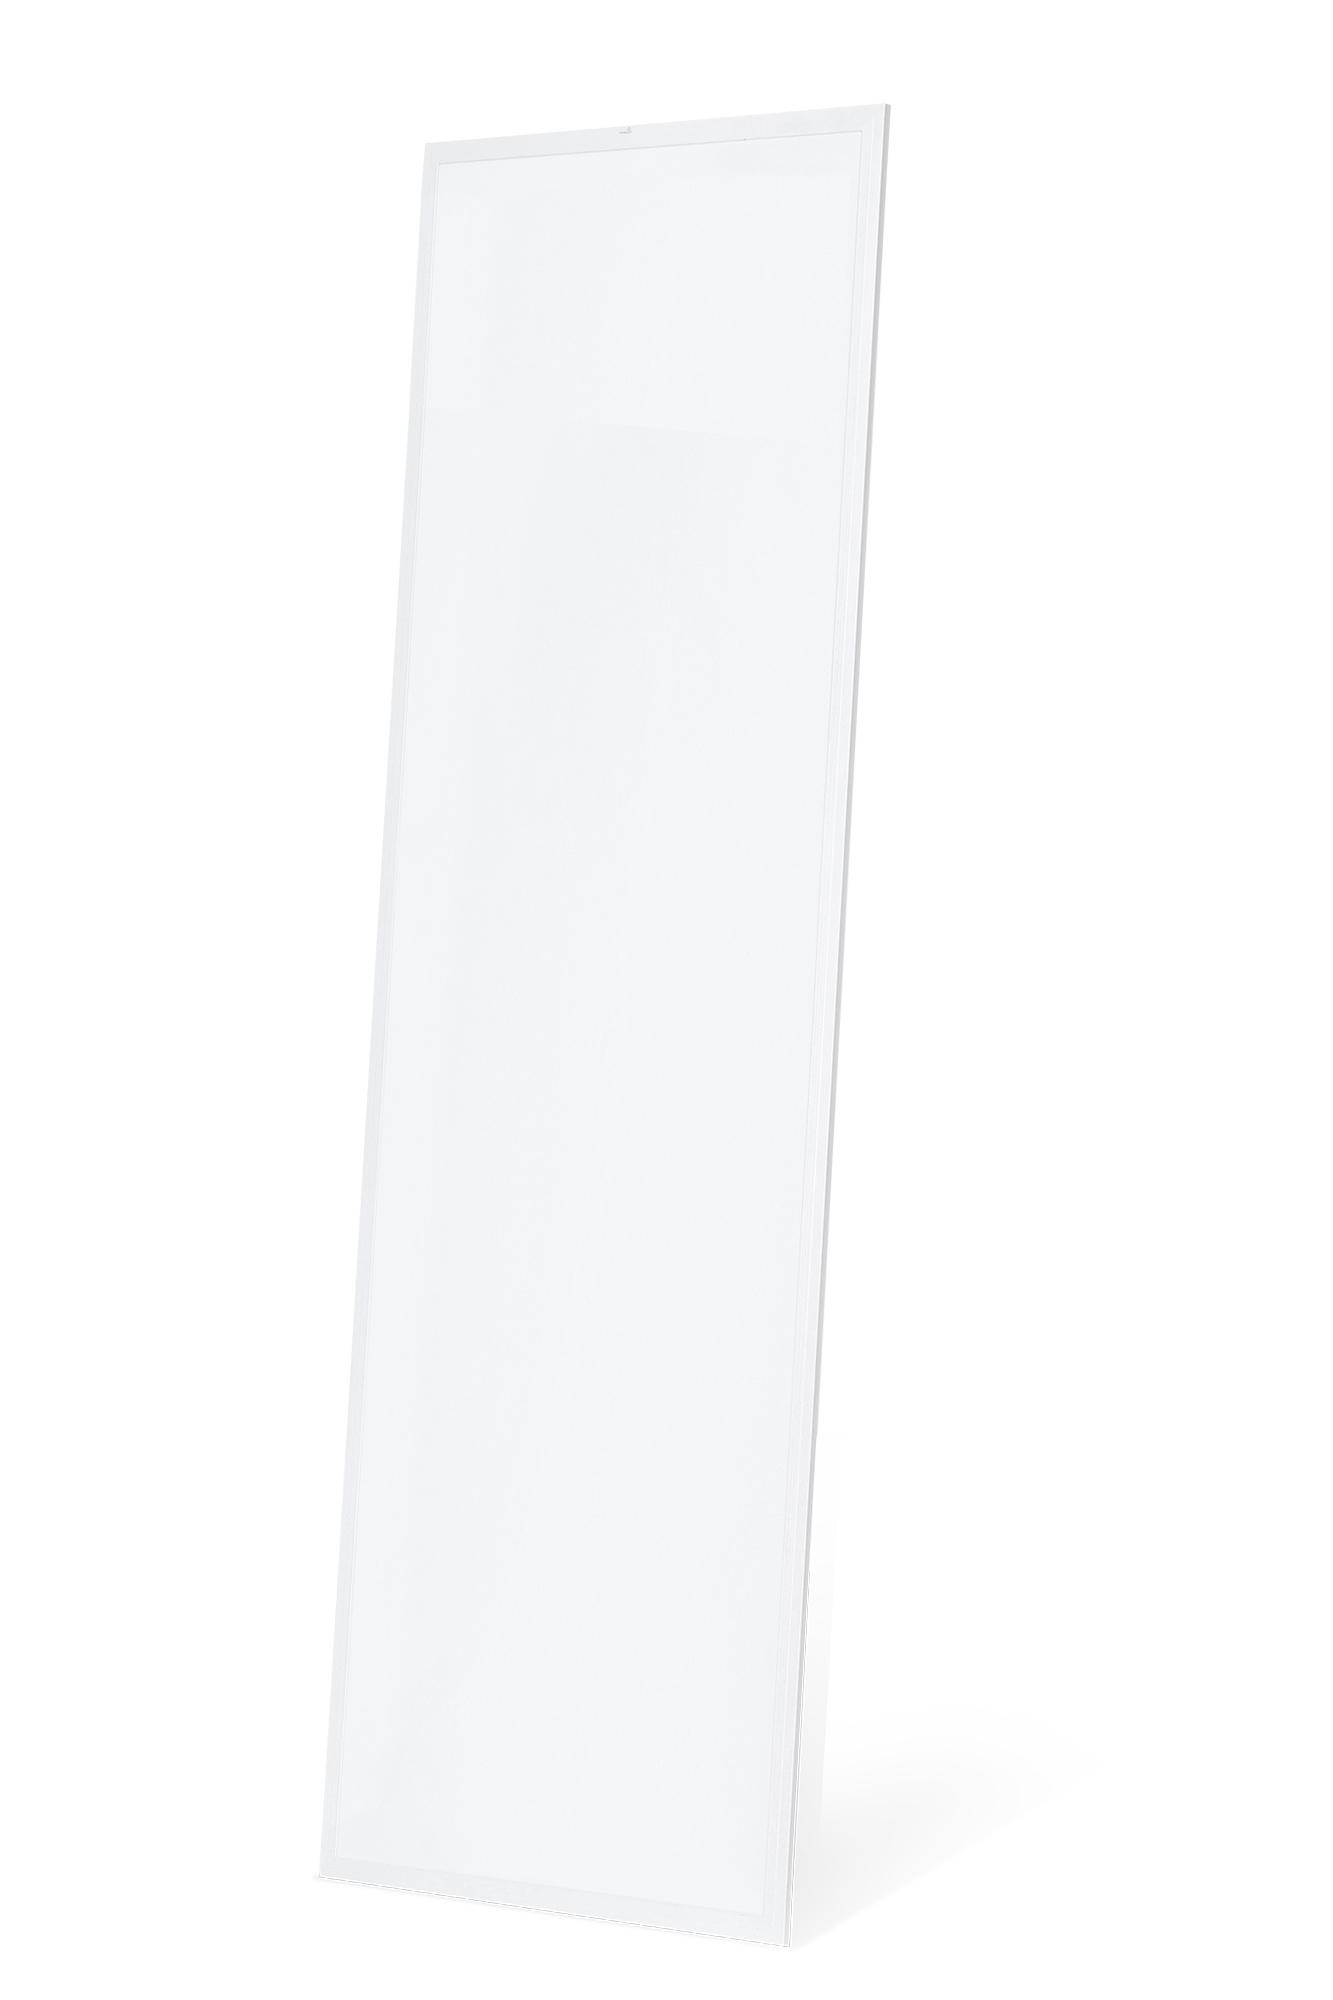 ĐÈN LED PANEL SIÊU MỎNG 48W (SPL-48-30120)